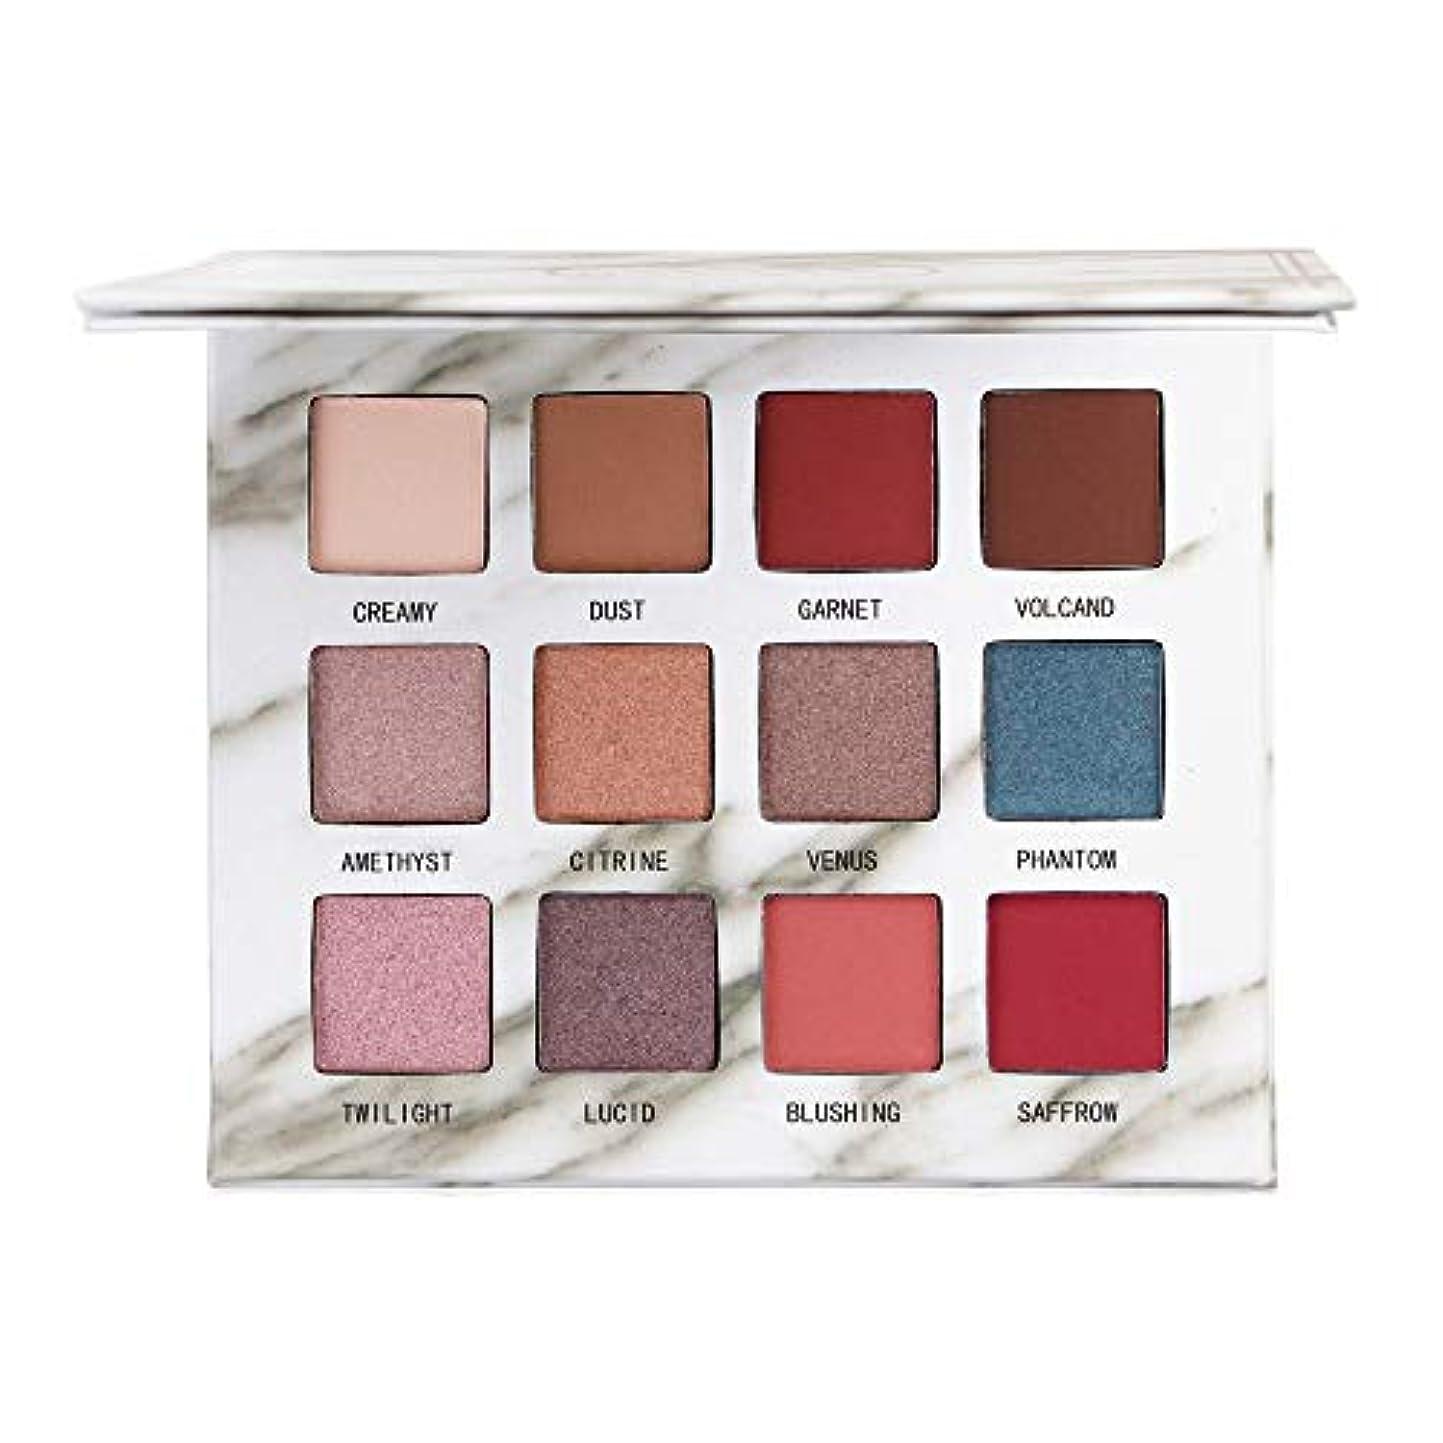 12色のきらめきのきらめきのアイシャドウの粉のマットのアイシャドウの化粧品の構造